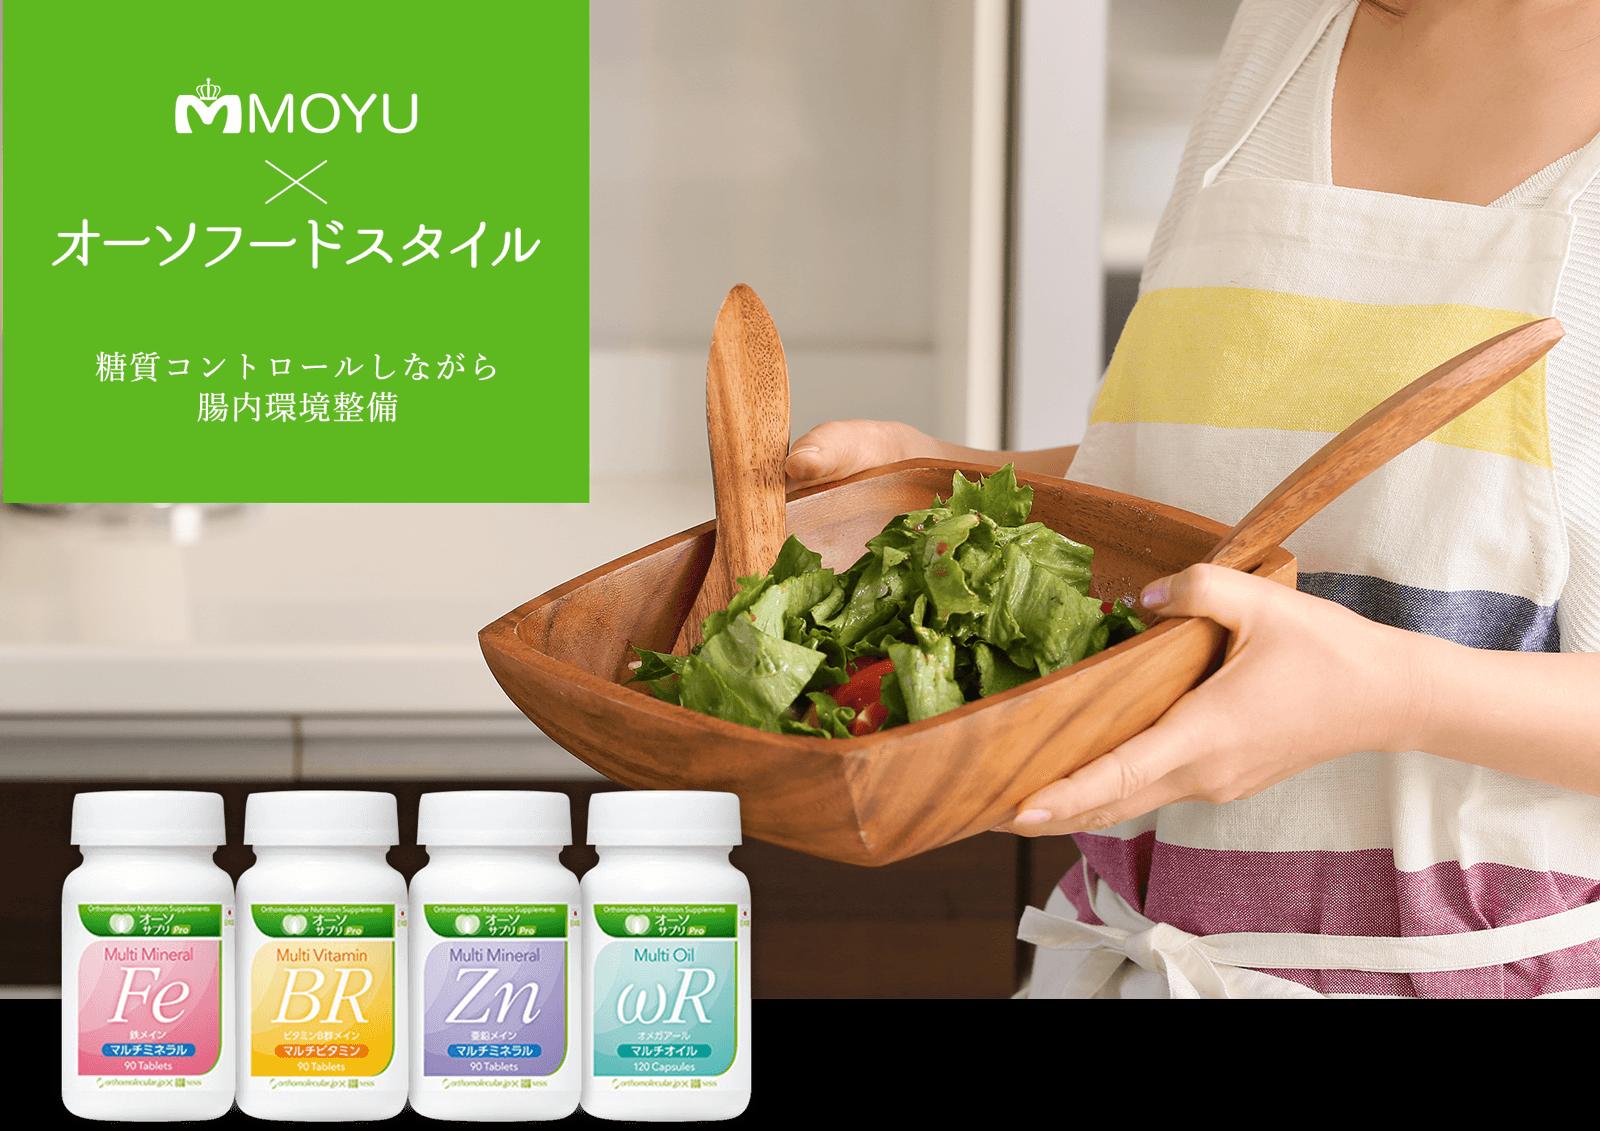 MOYU × オーソフードスタイル/糖質コントロールしながら腸内環境整備